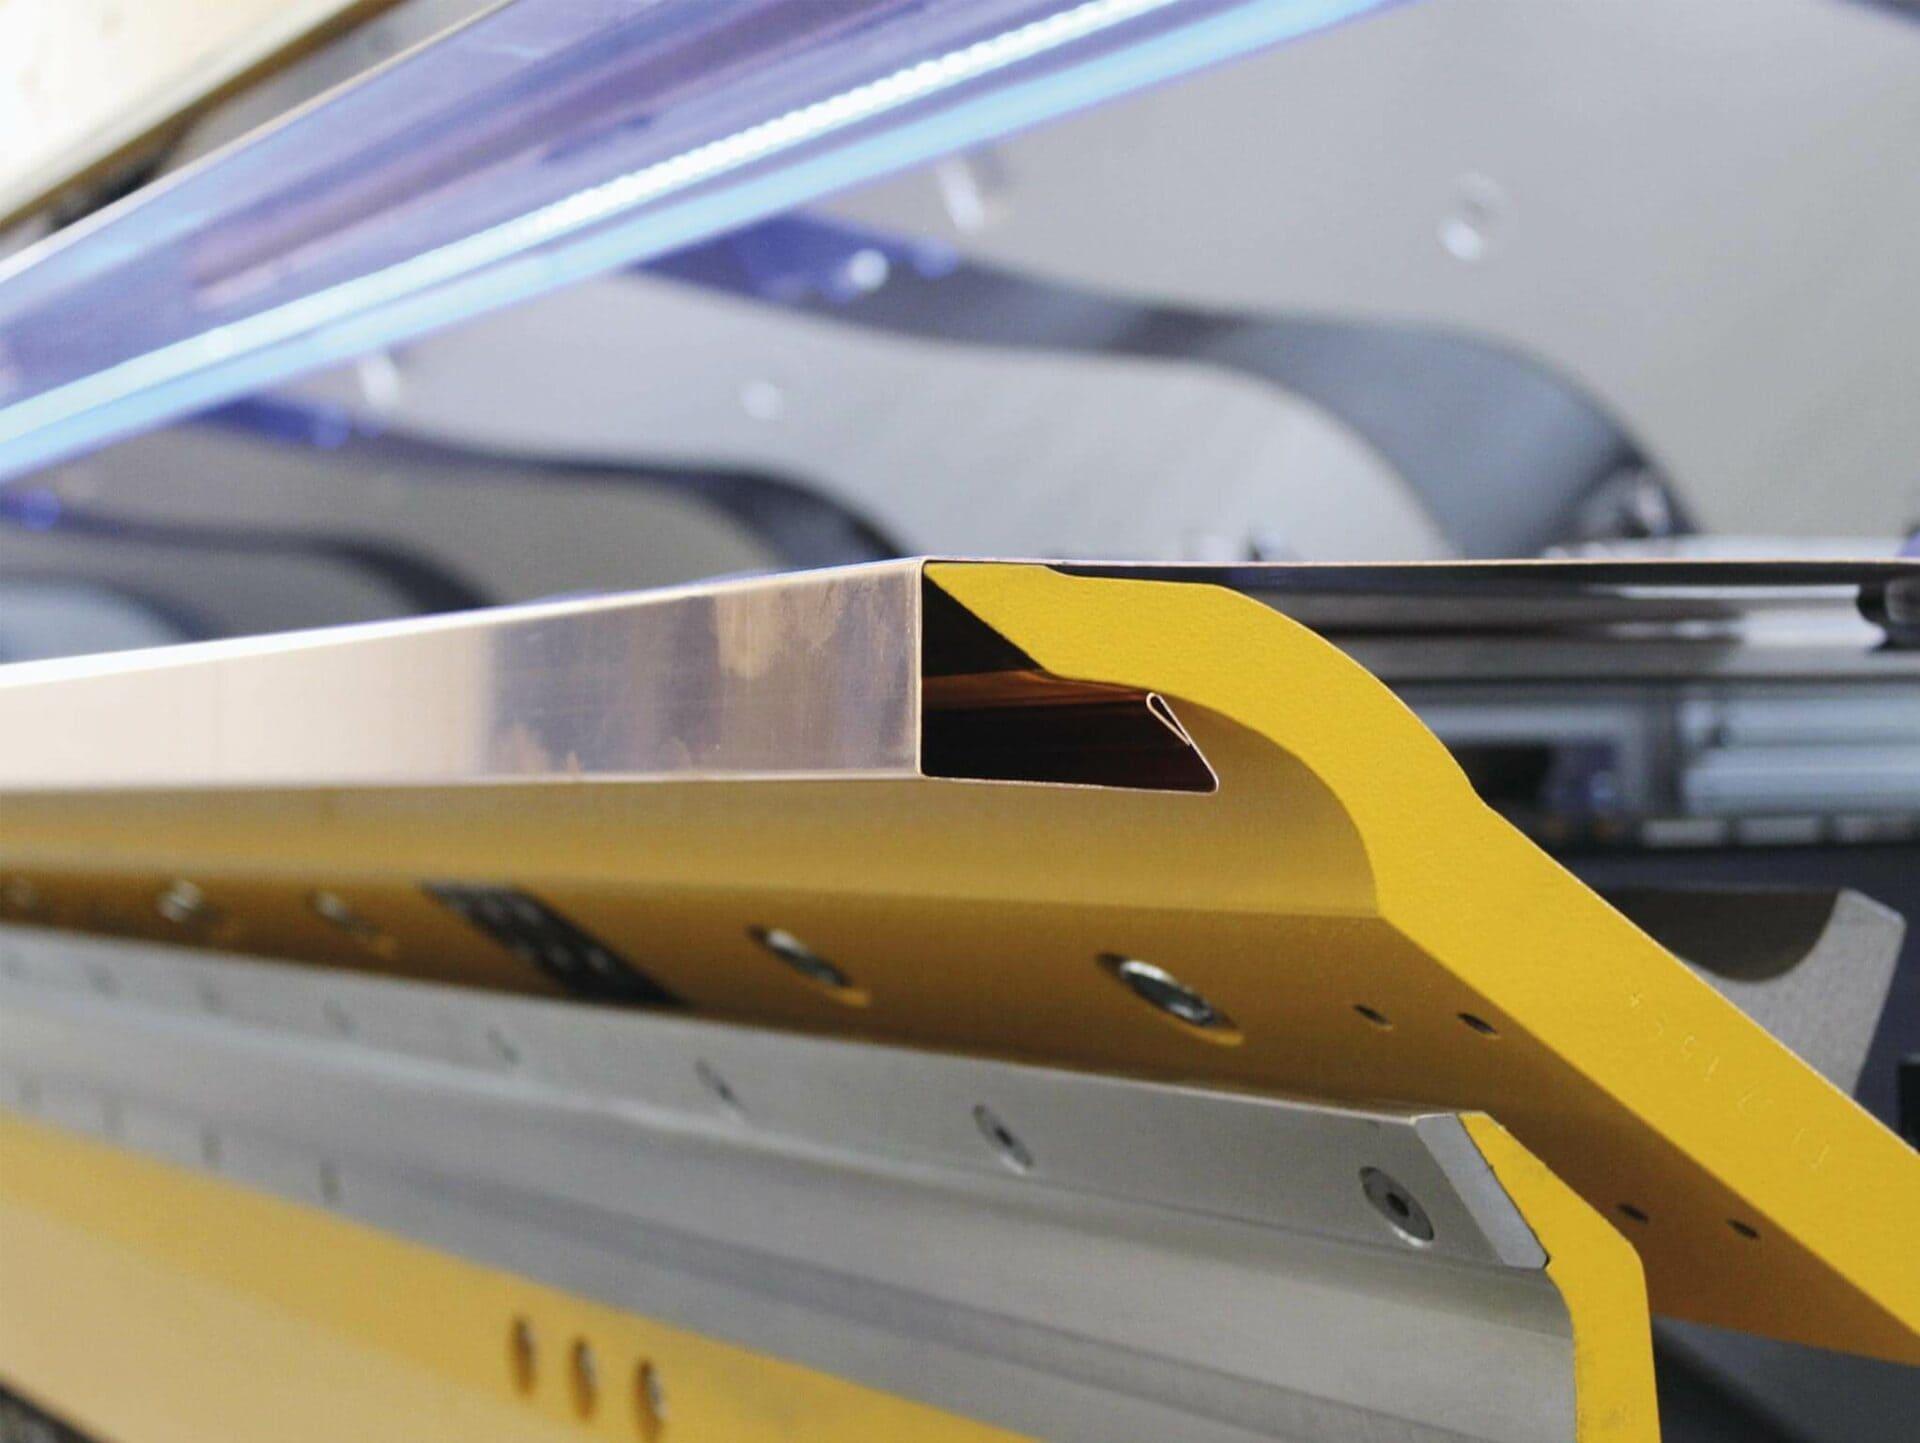 WELTWEIT EINZIGARTIG:Die gebogene, untere Klemmwange bietet zusätzlichen Biegefreiraum und ermöglicht Kantungen mit einem Seitenverhältnis von 1:2.